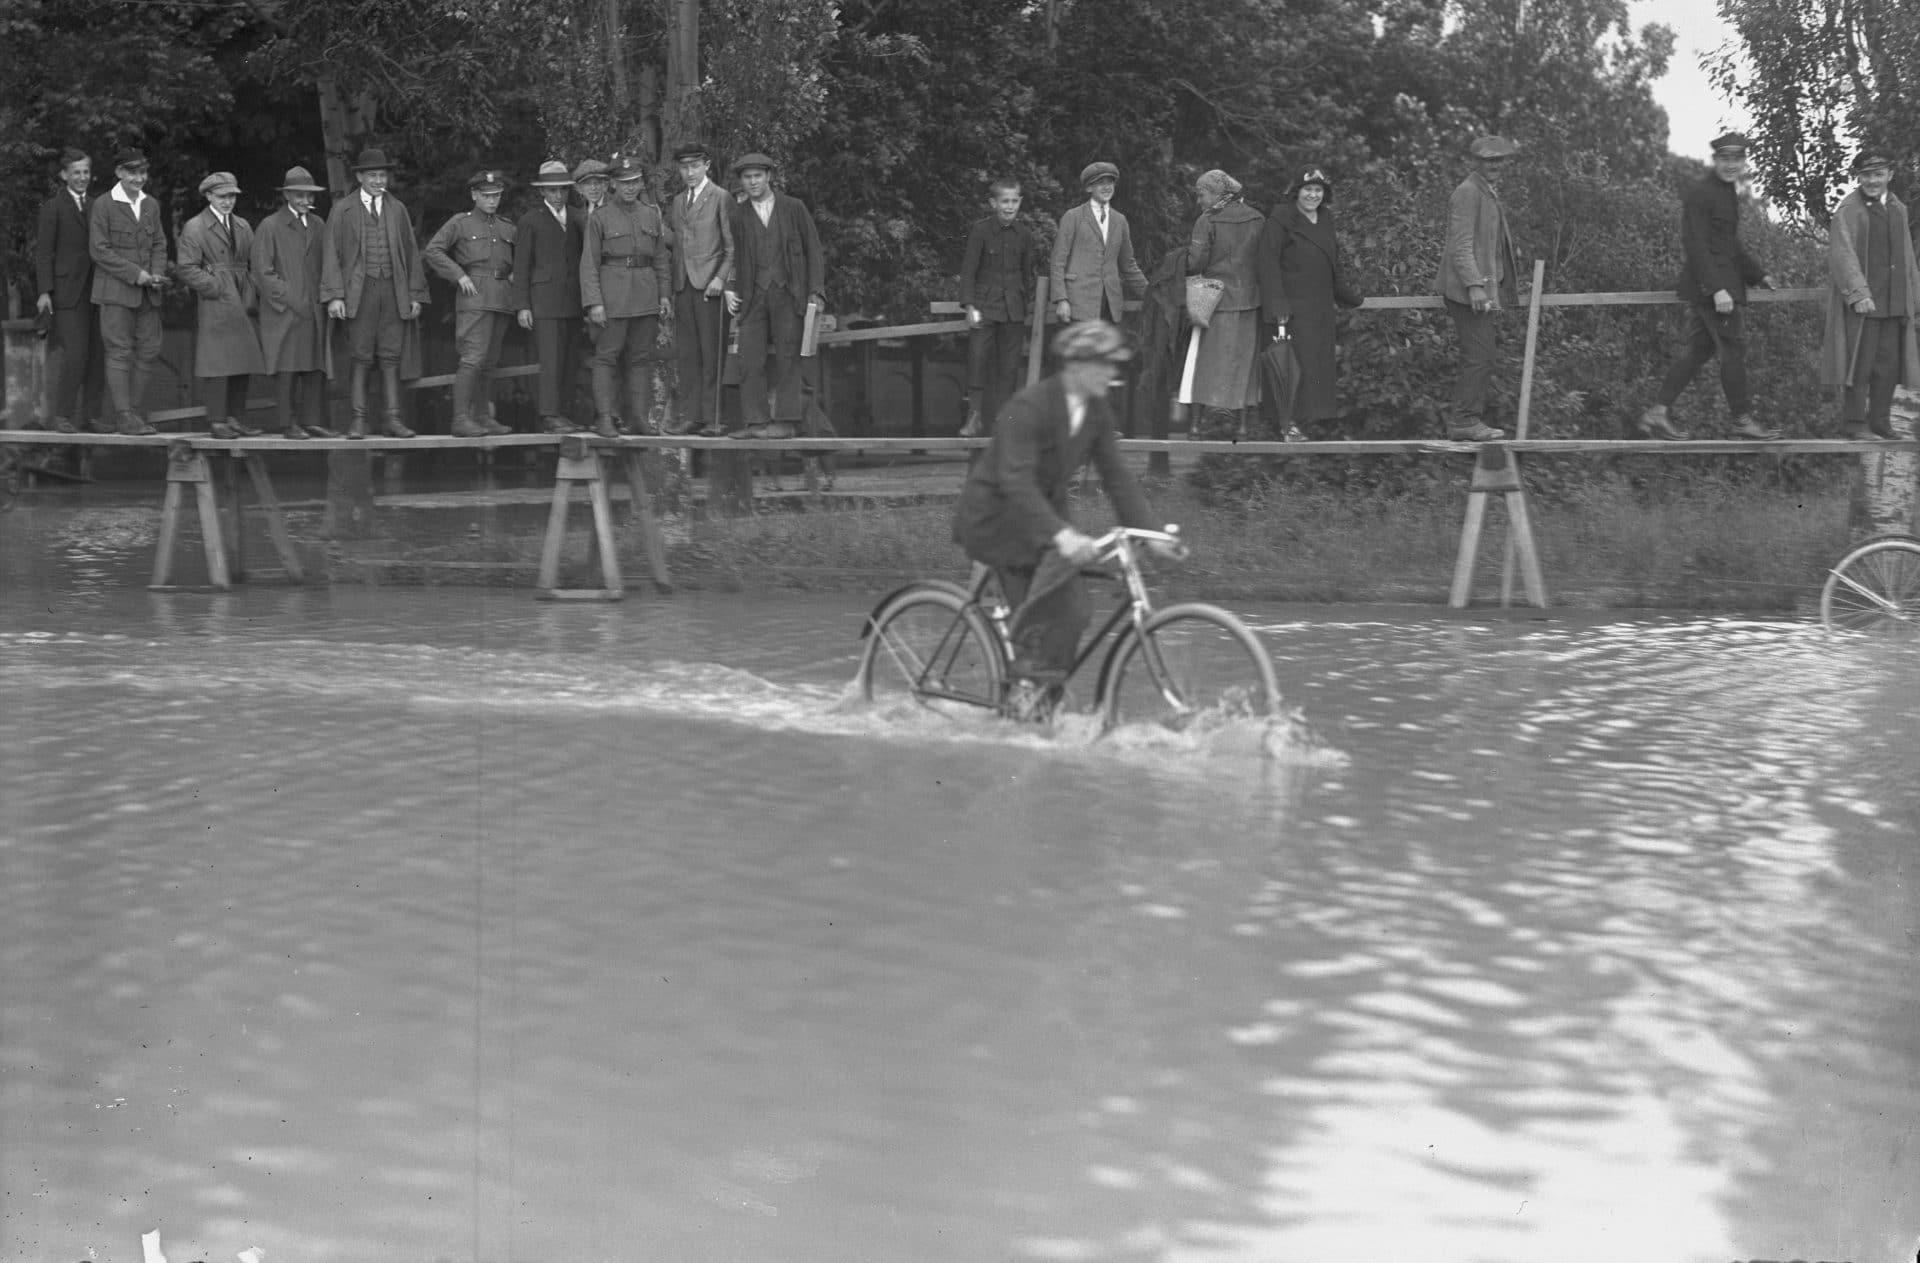 Ulica Wolska w Krakowie. Powódź w 1925 roku. Źródło: Narodowe Archiwum Cyfrowe.